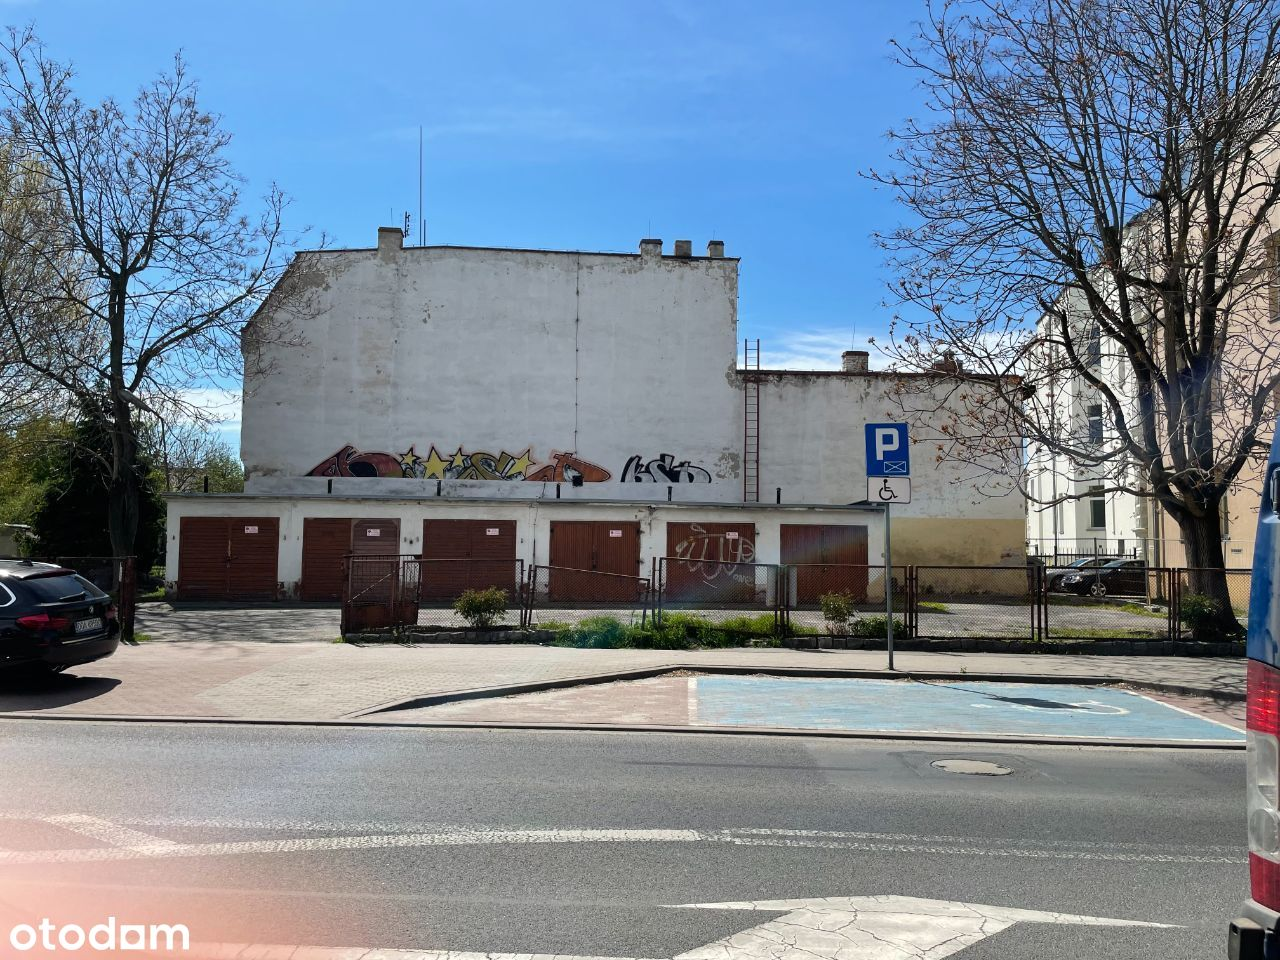 Garaże i miejsca postojowe 3 Maja 3C/ róg św. Roch